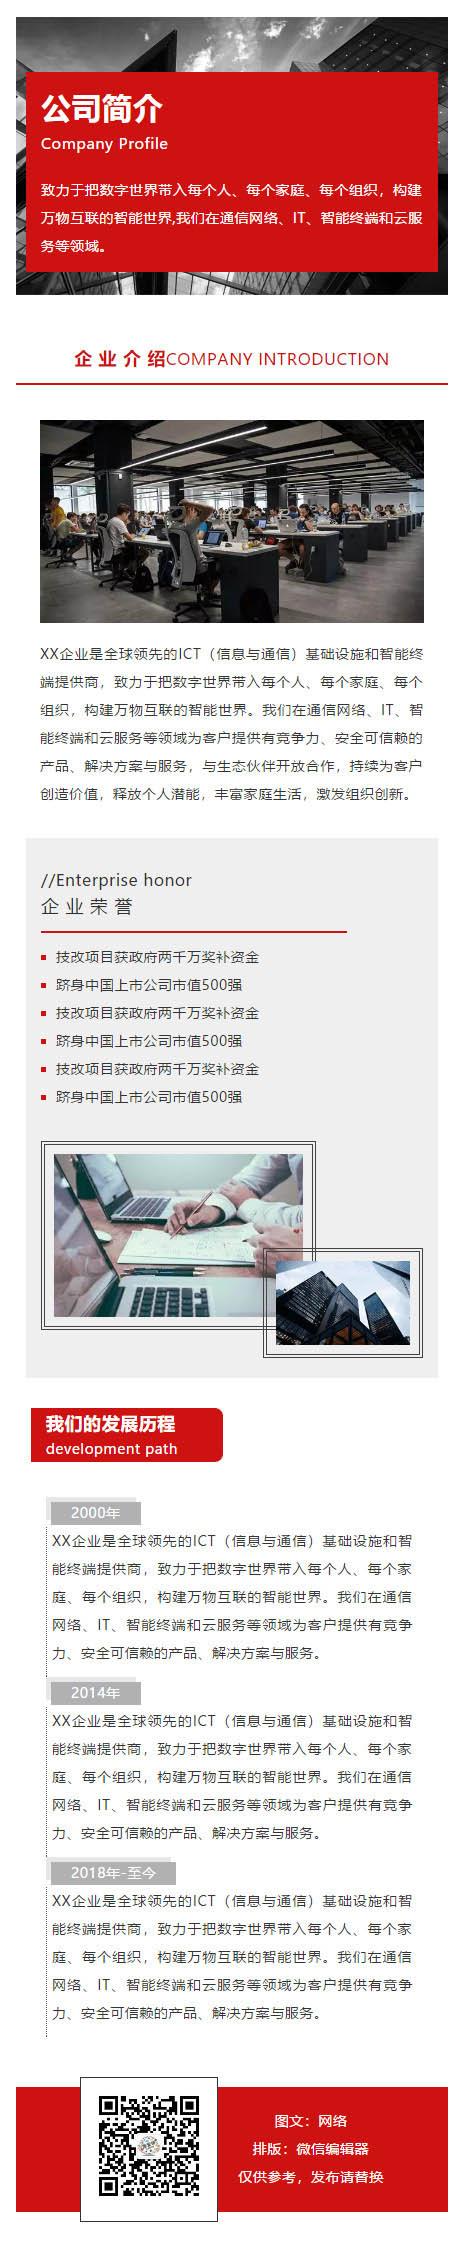 企业荣誉公司介绍红色风格微信图文模板推文素材